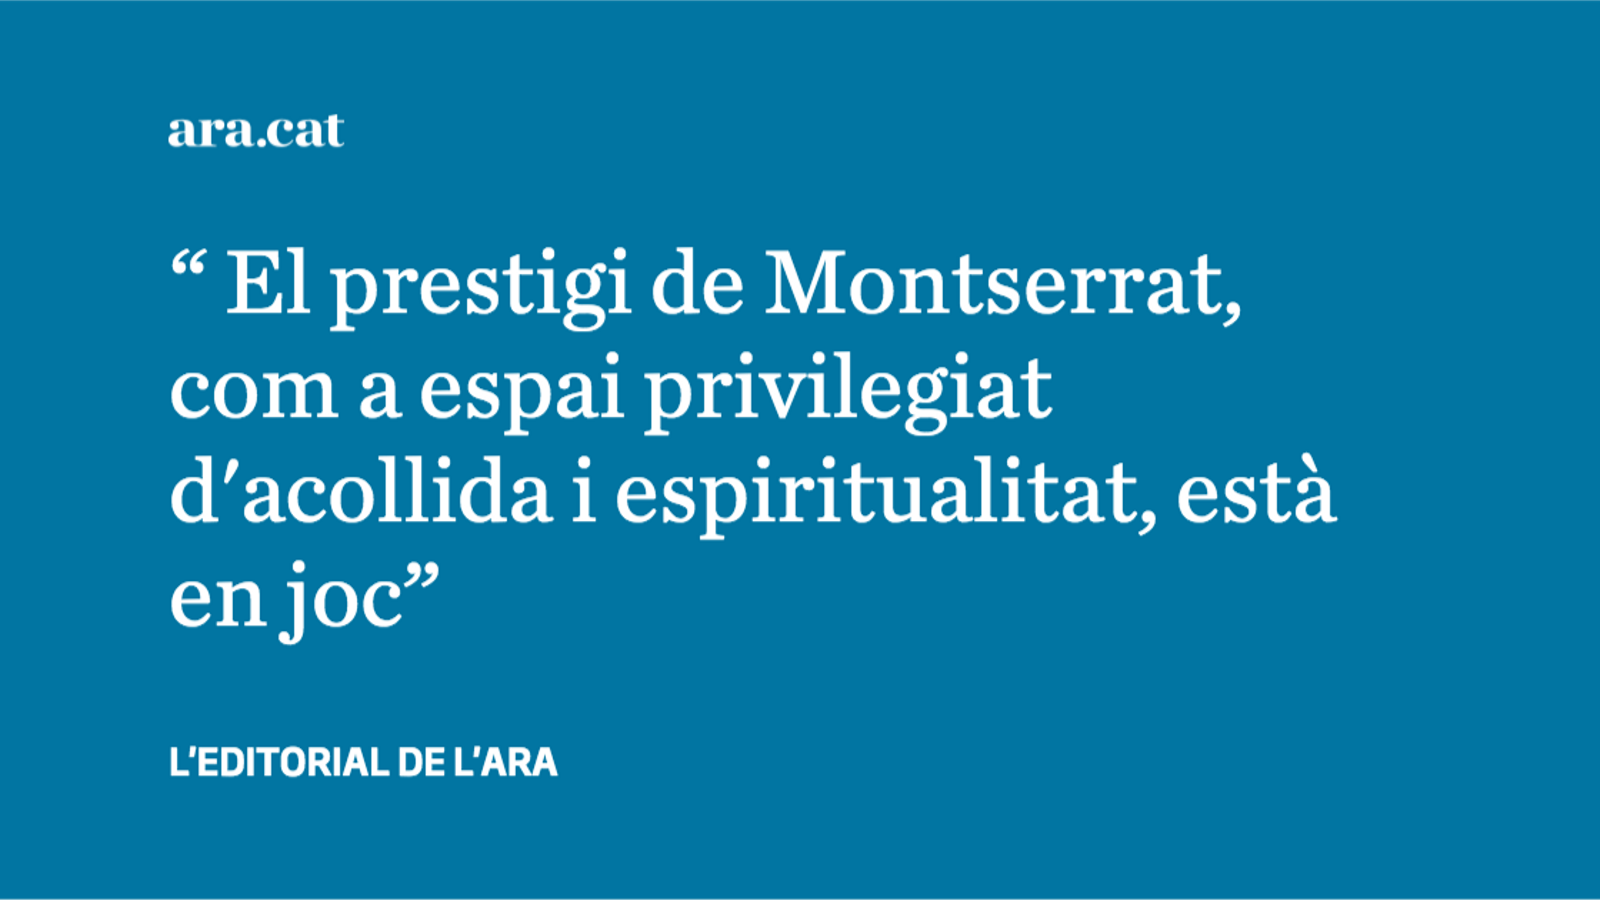 Abusos sexuals a Montserrat: l'obligació d'assumir els errors del passat